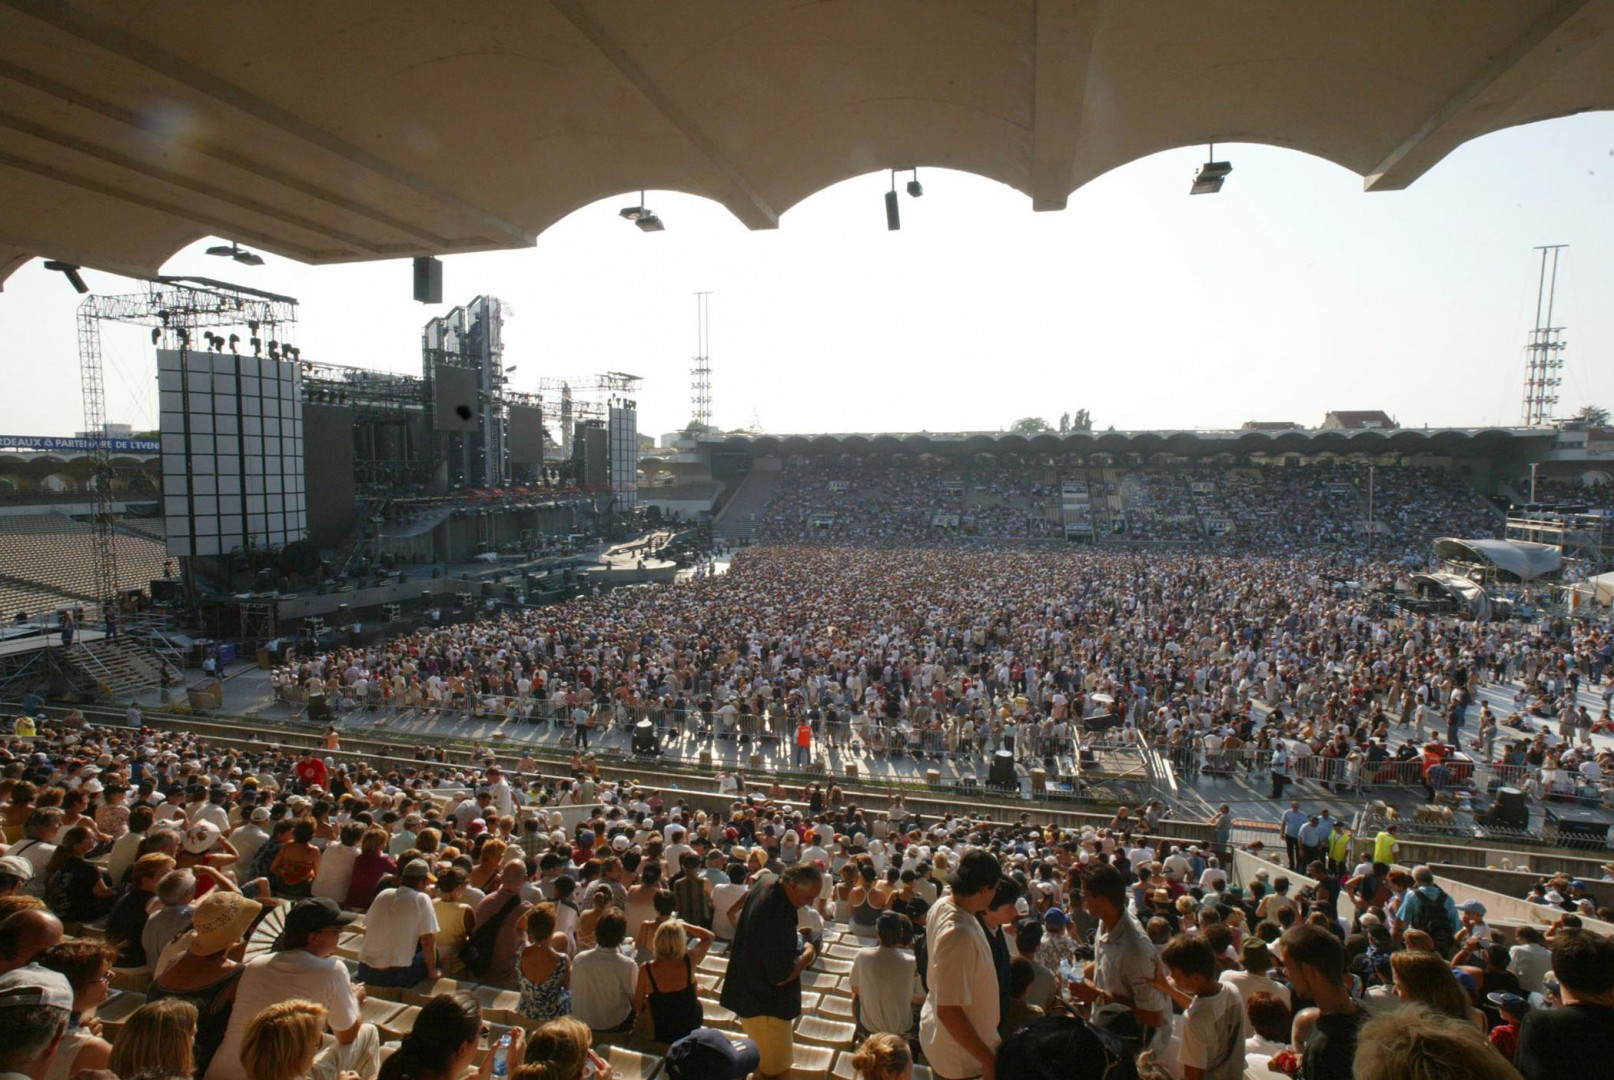 13 juillet 2003 : le stade Chaban-Delmas accueille un concert de Johnny Hallyday